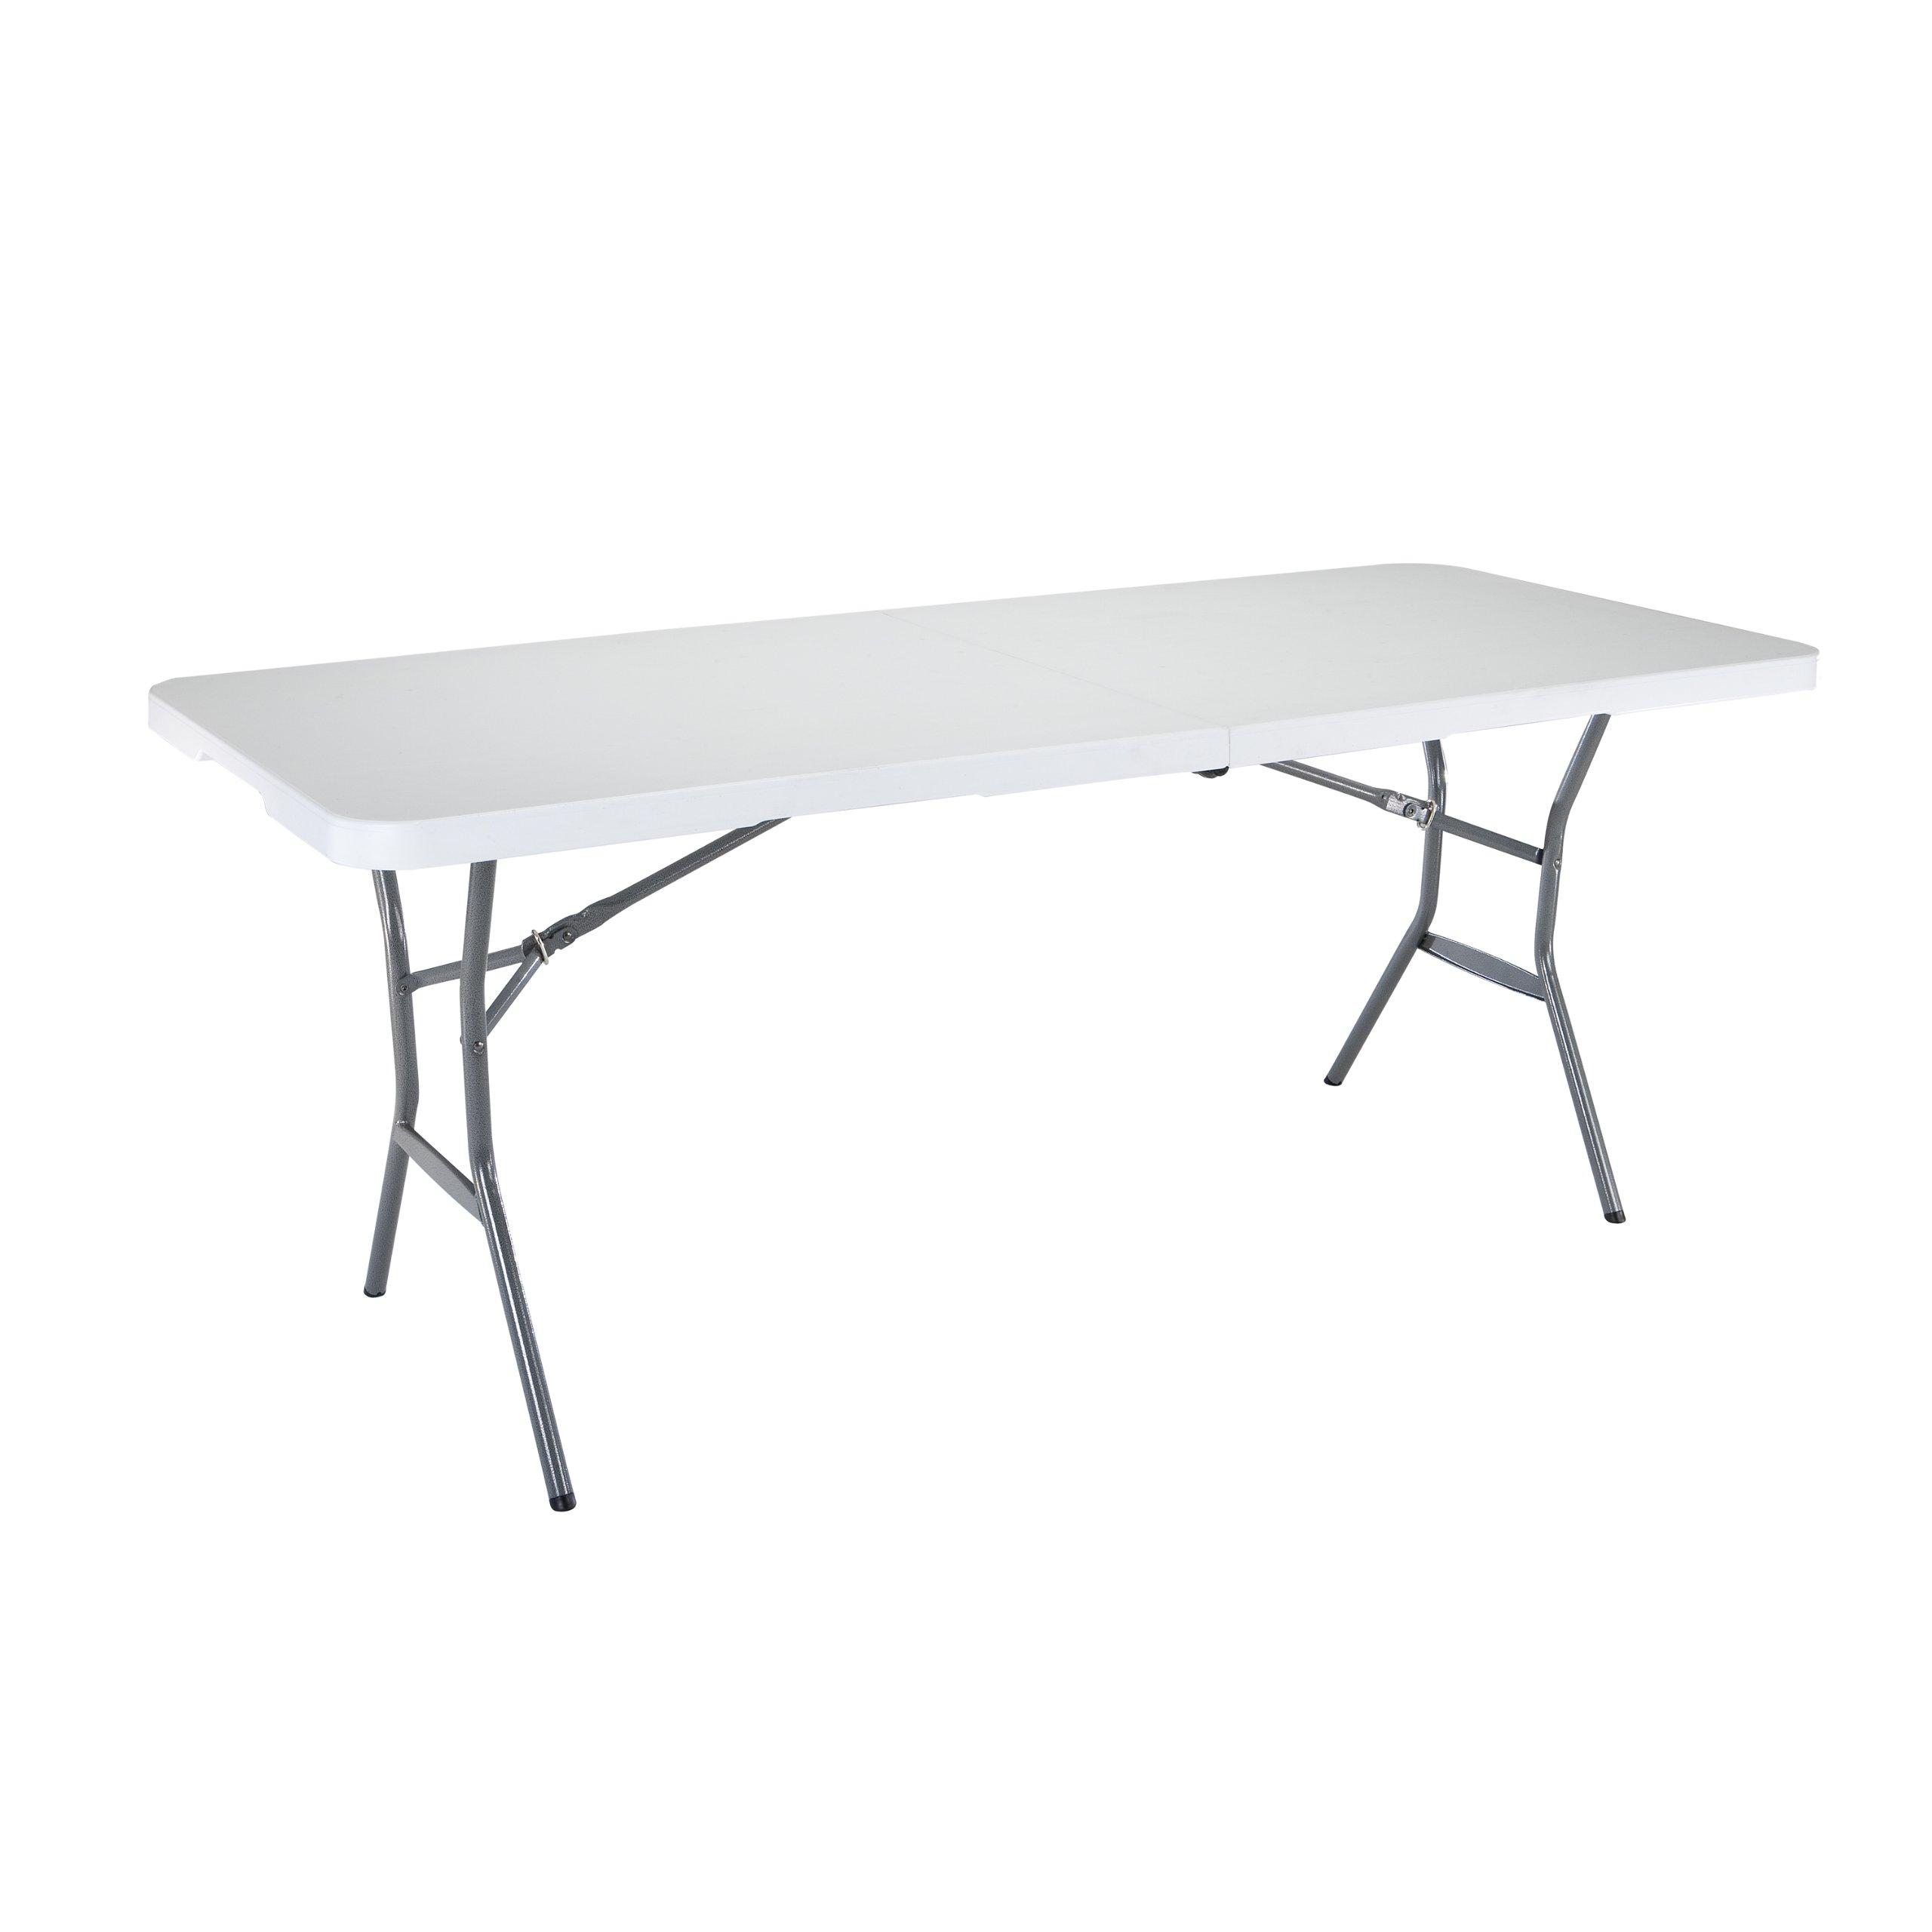 Lifetime 25011 Fold In Half Light Commercial Table, 6 Feet, White Granite by Lifetime